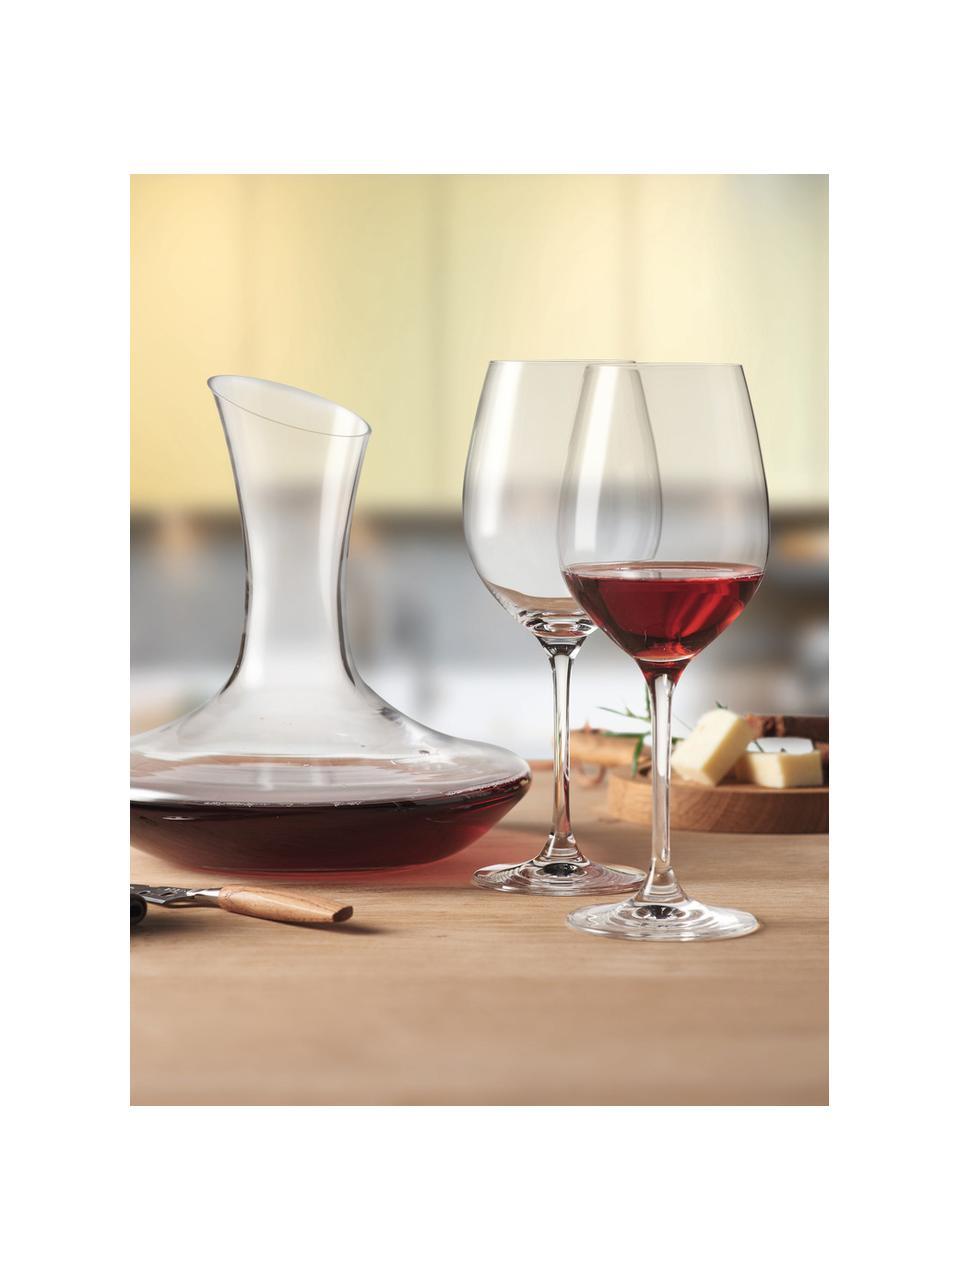 Sada na červené víno Barcelona, 3díly, Transparentní